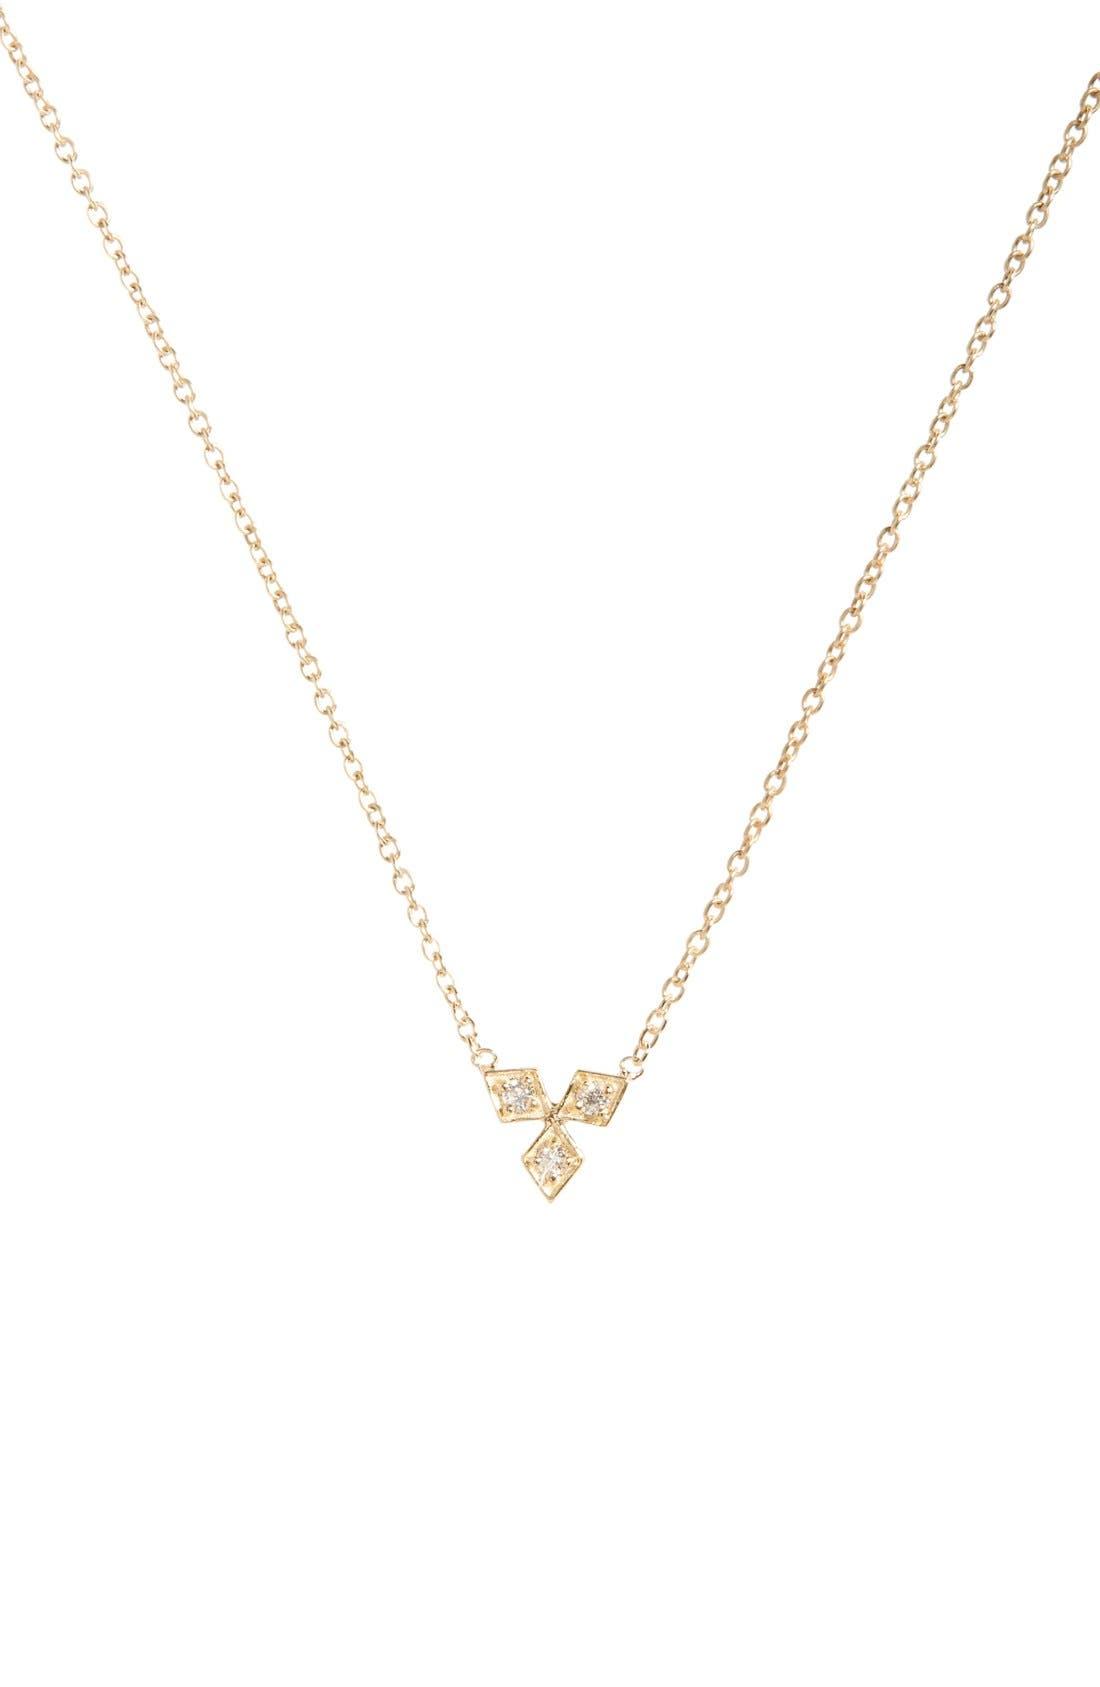 Main Image - Zoë Chicco Three-Diamond Pendant Necklace